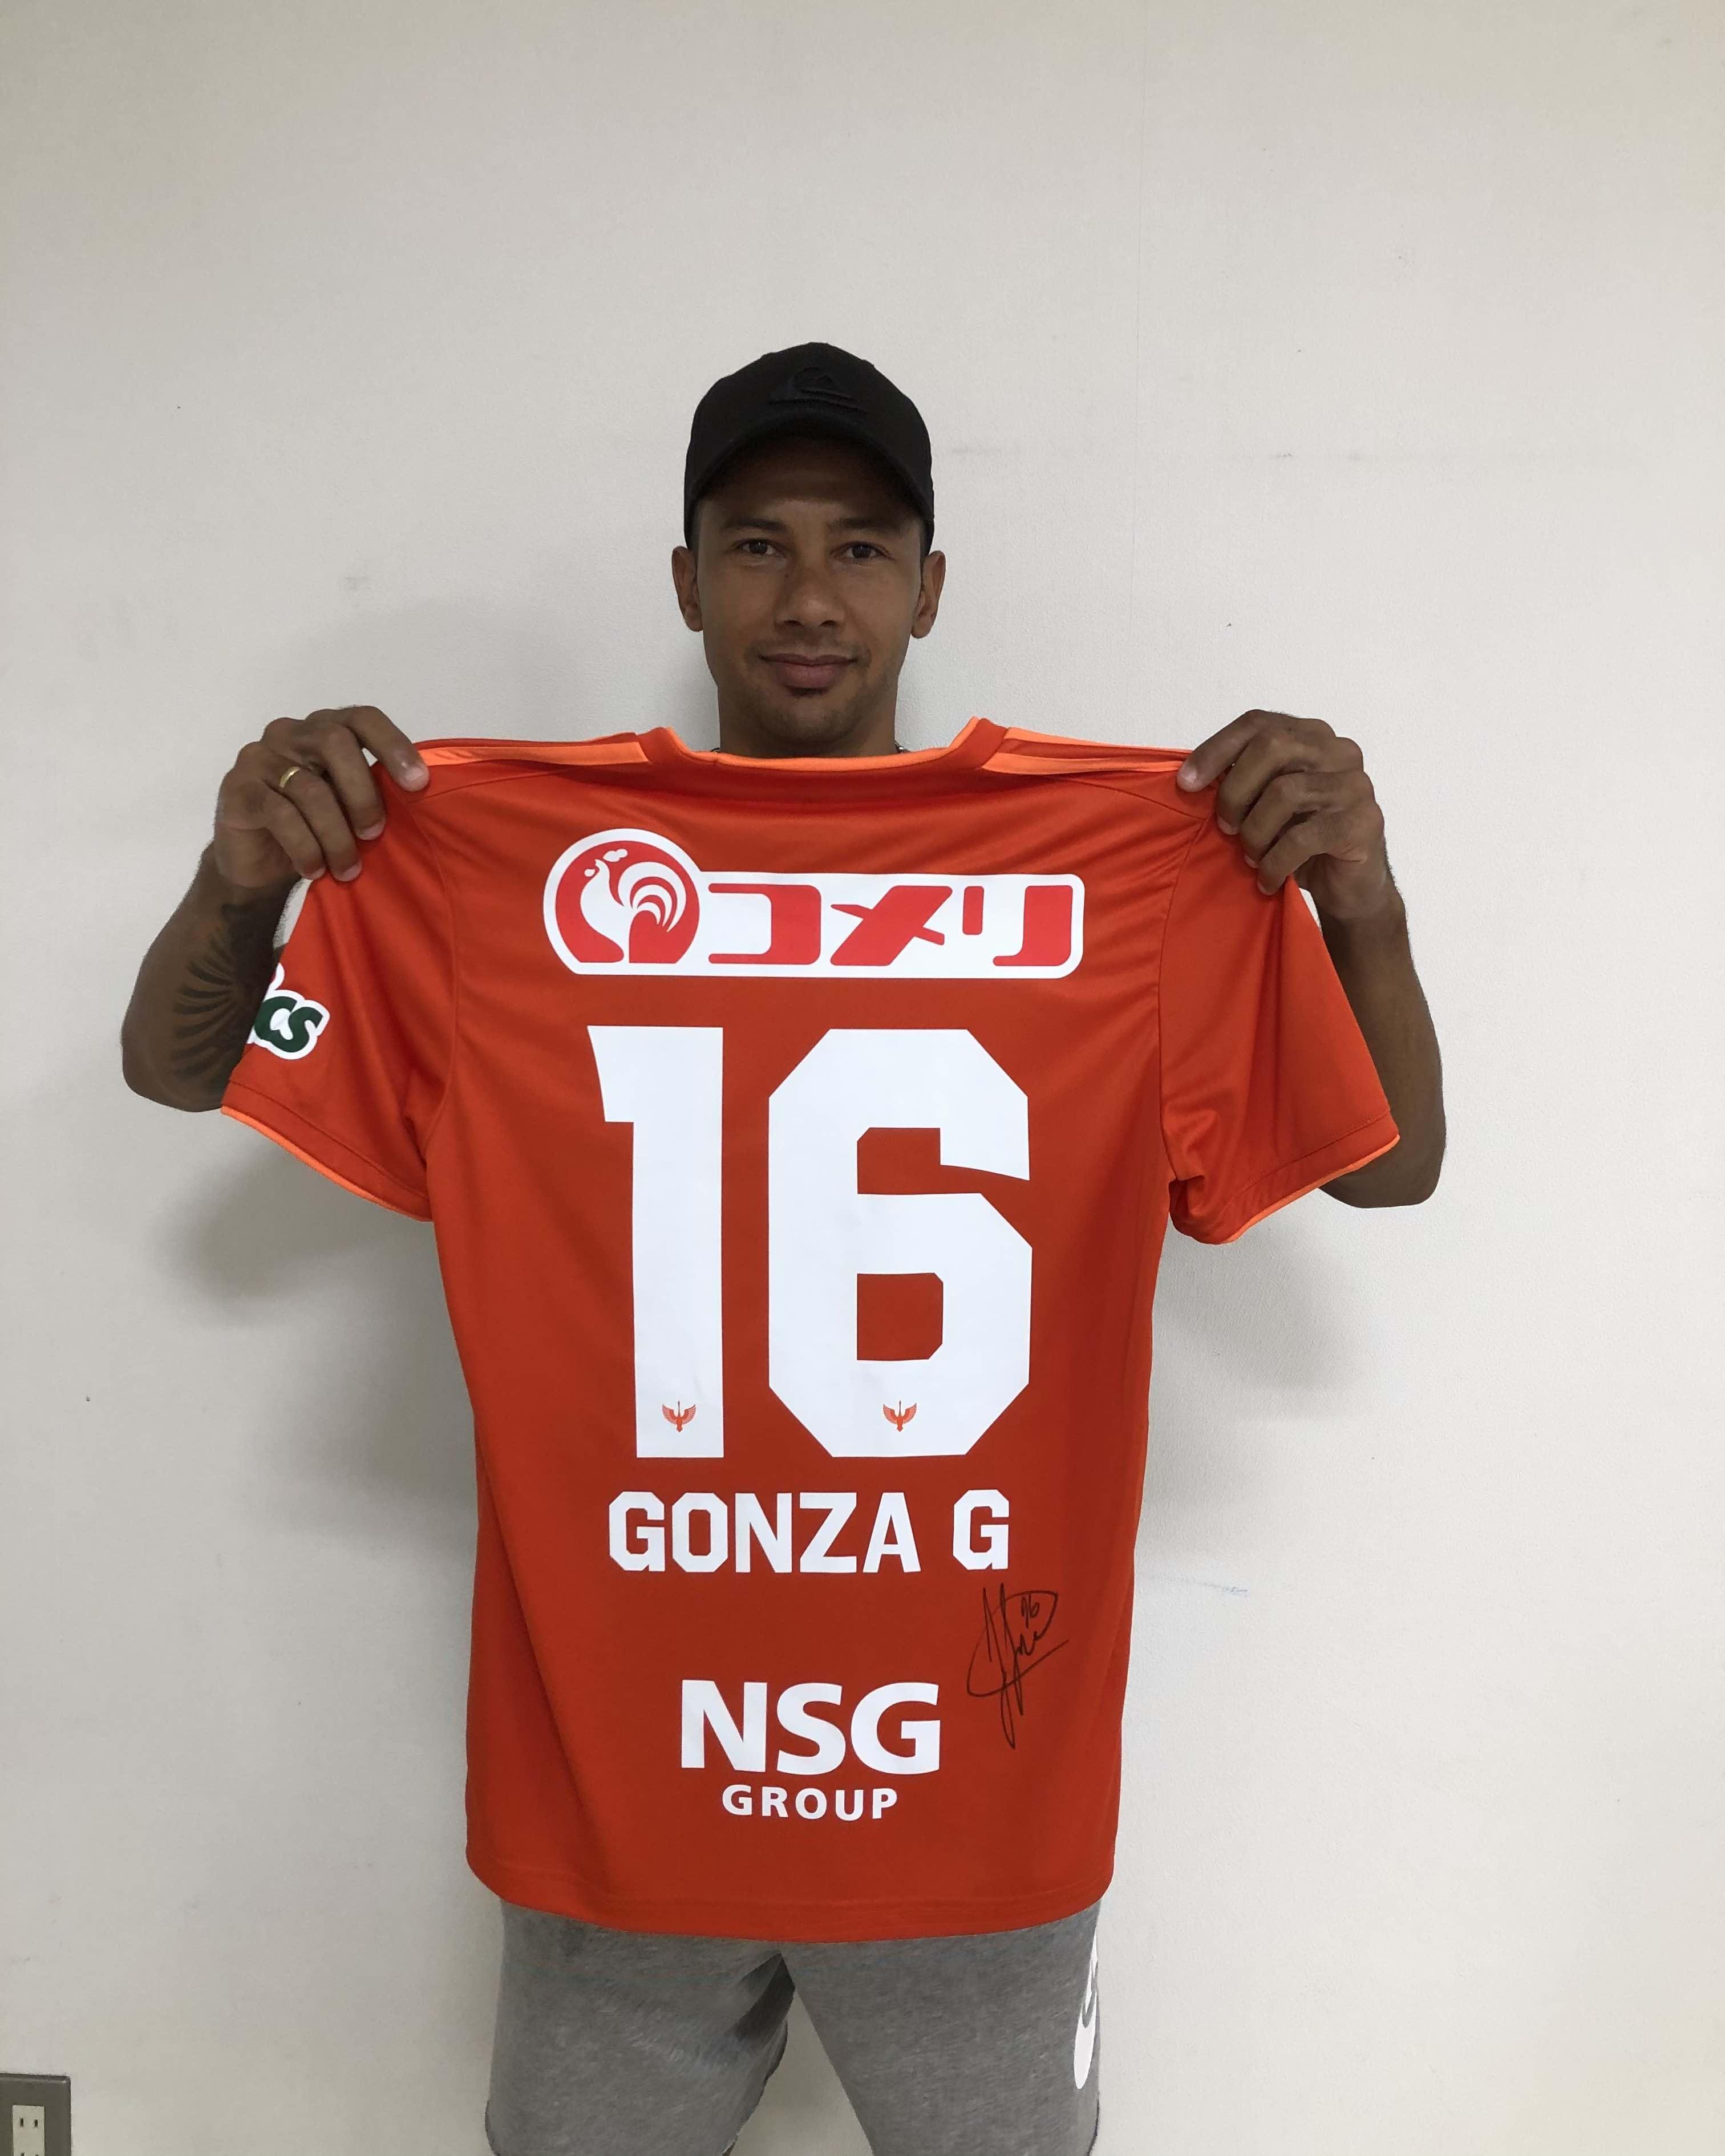 【直筆サイン入り公式】 アルビレックス新潟2020シーズン1stユニフォーム ゴンサロ ゴンザレス  選手